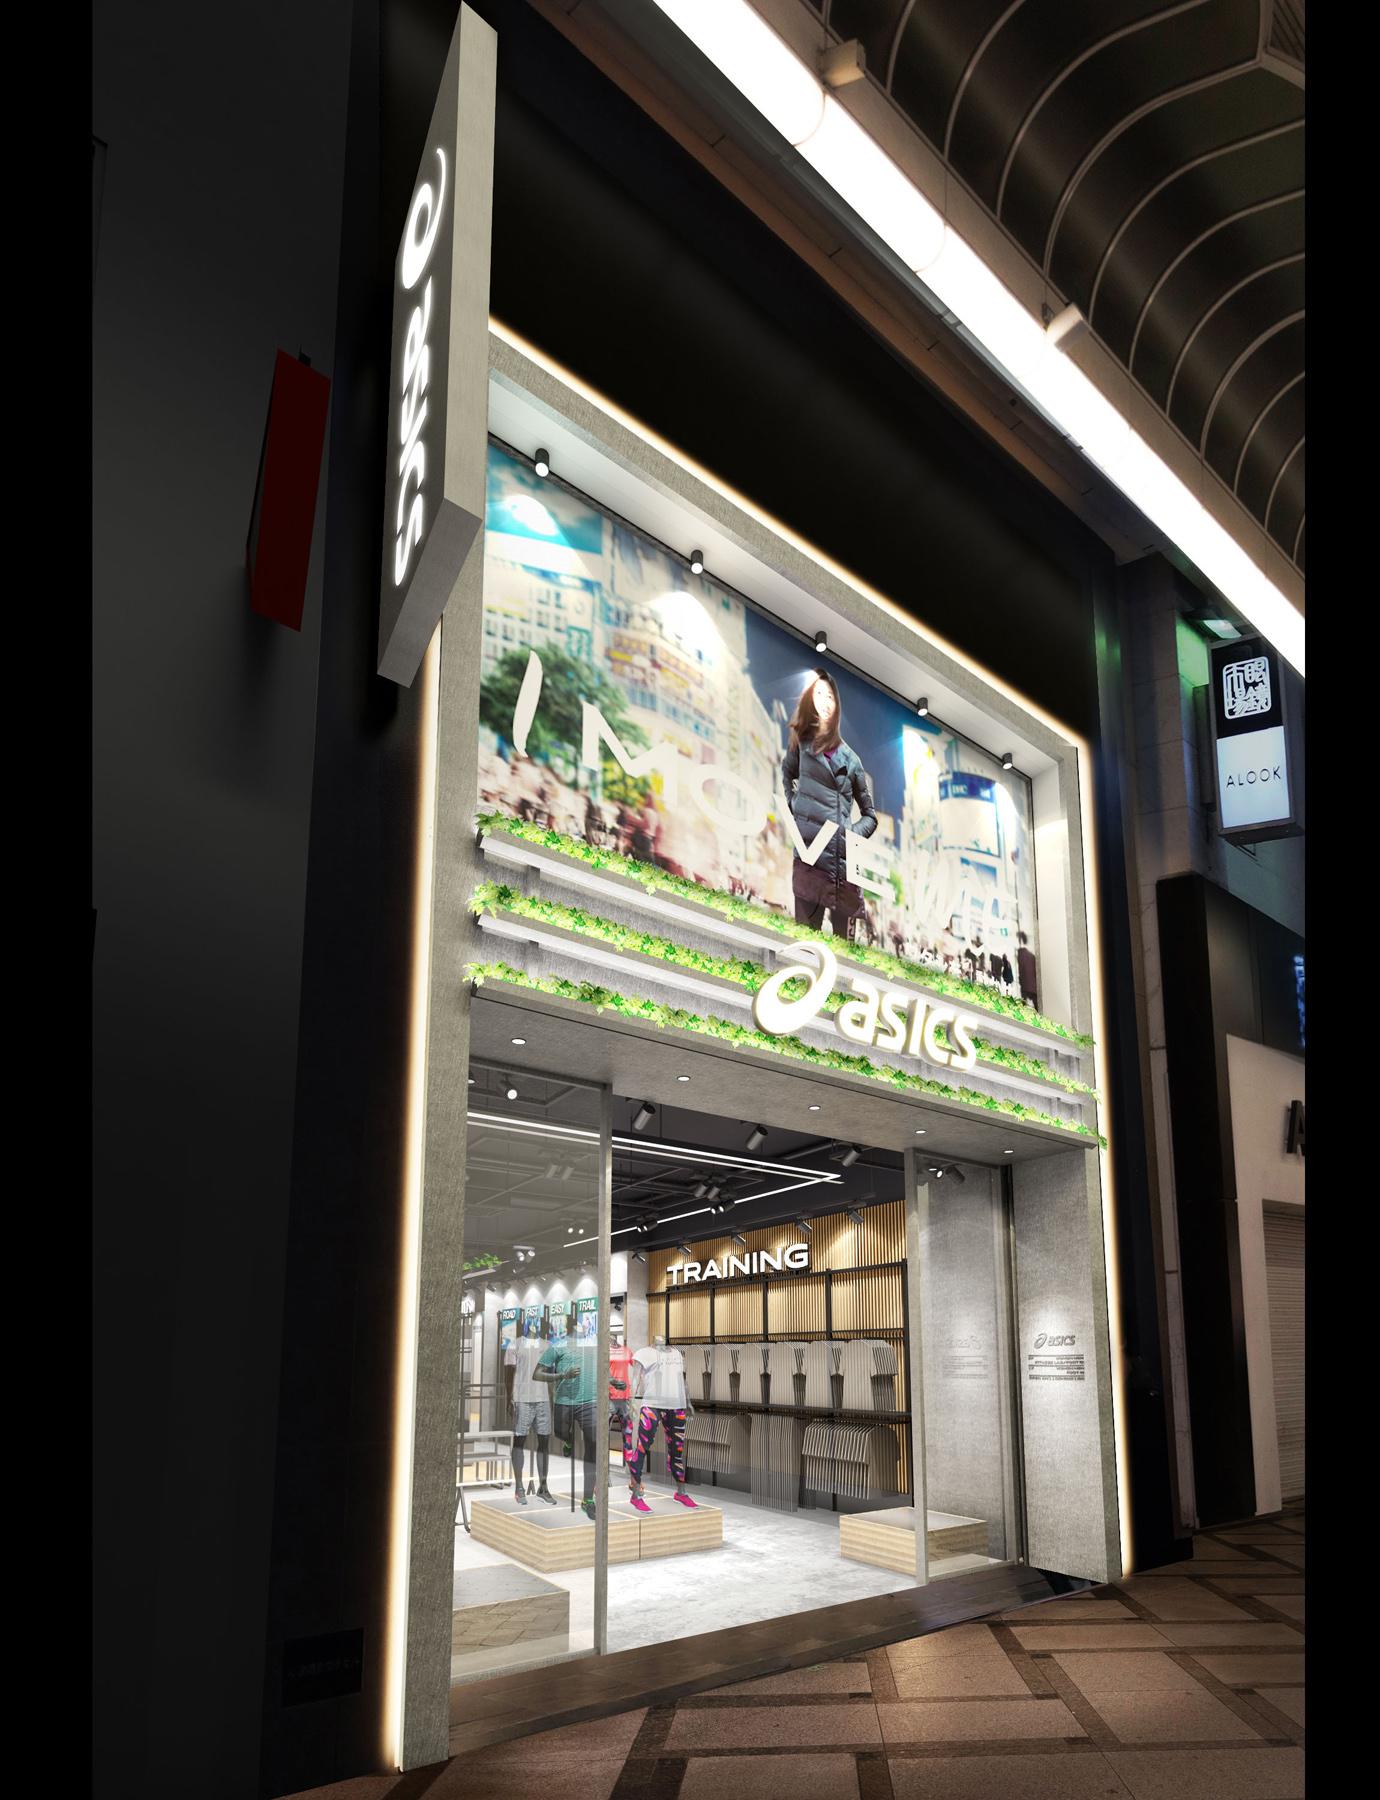 アシックス 大阪・心斎橋に 直営店「大阪心斎橋」をオープン asics